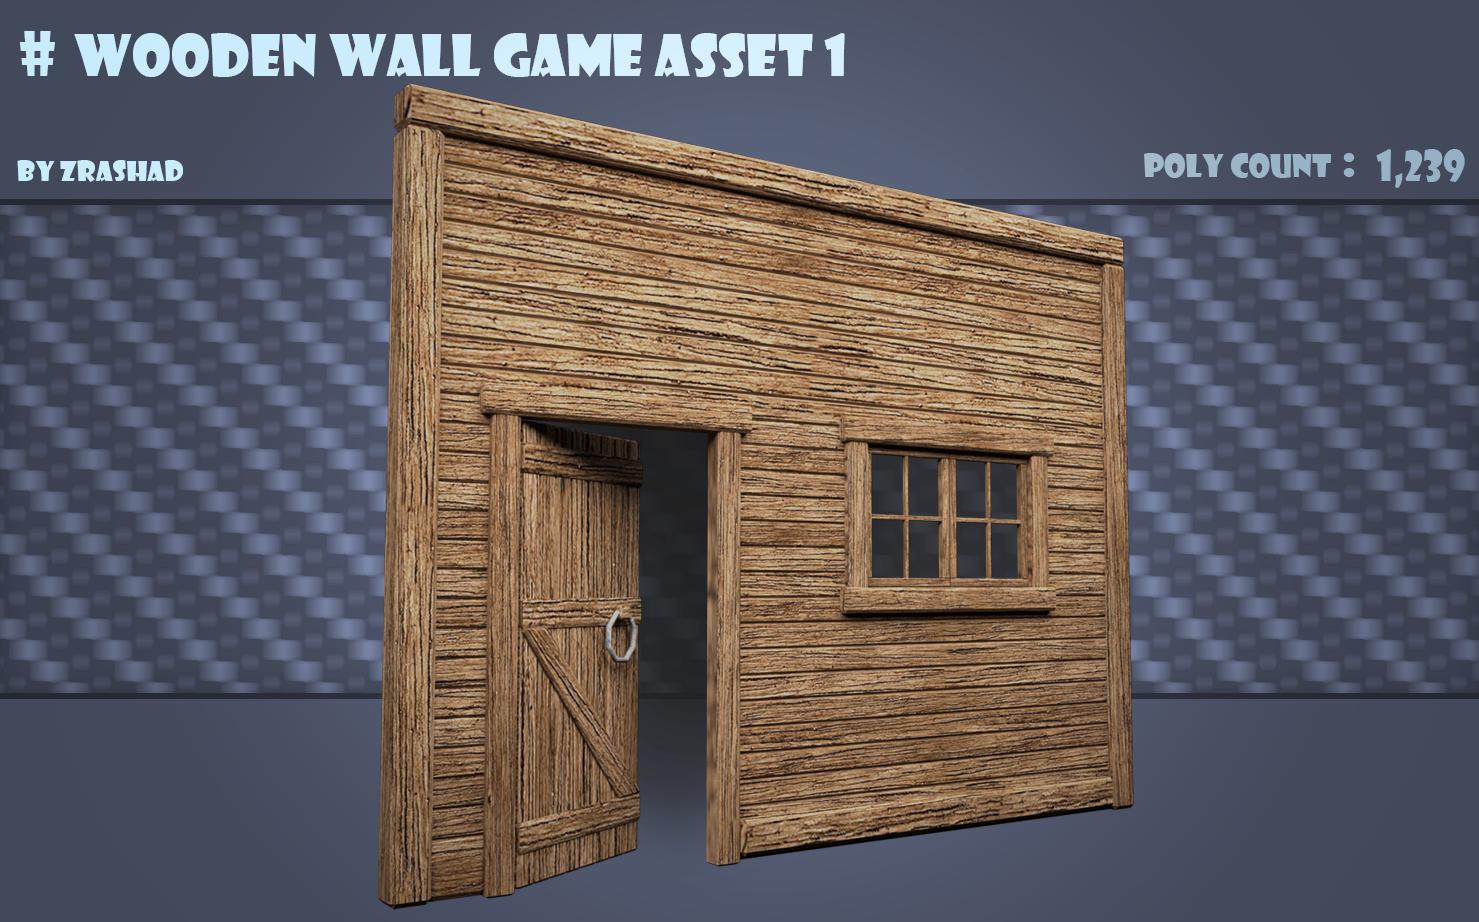 Wooden Wall Game Asset